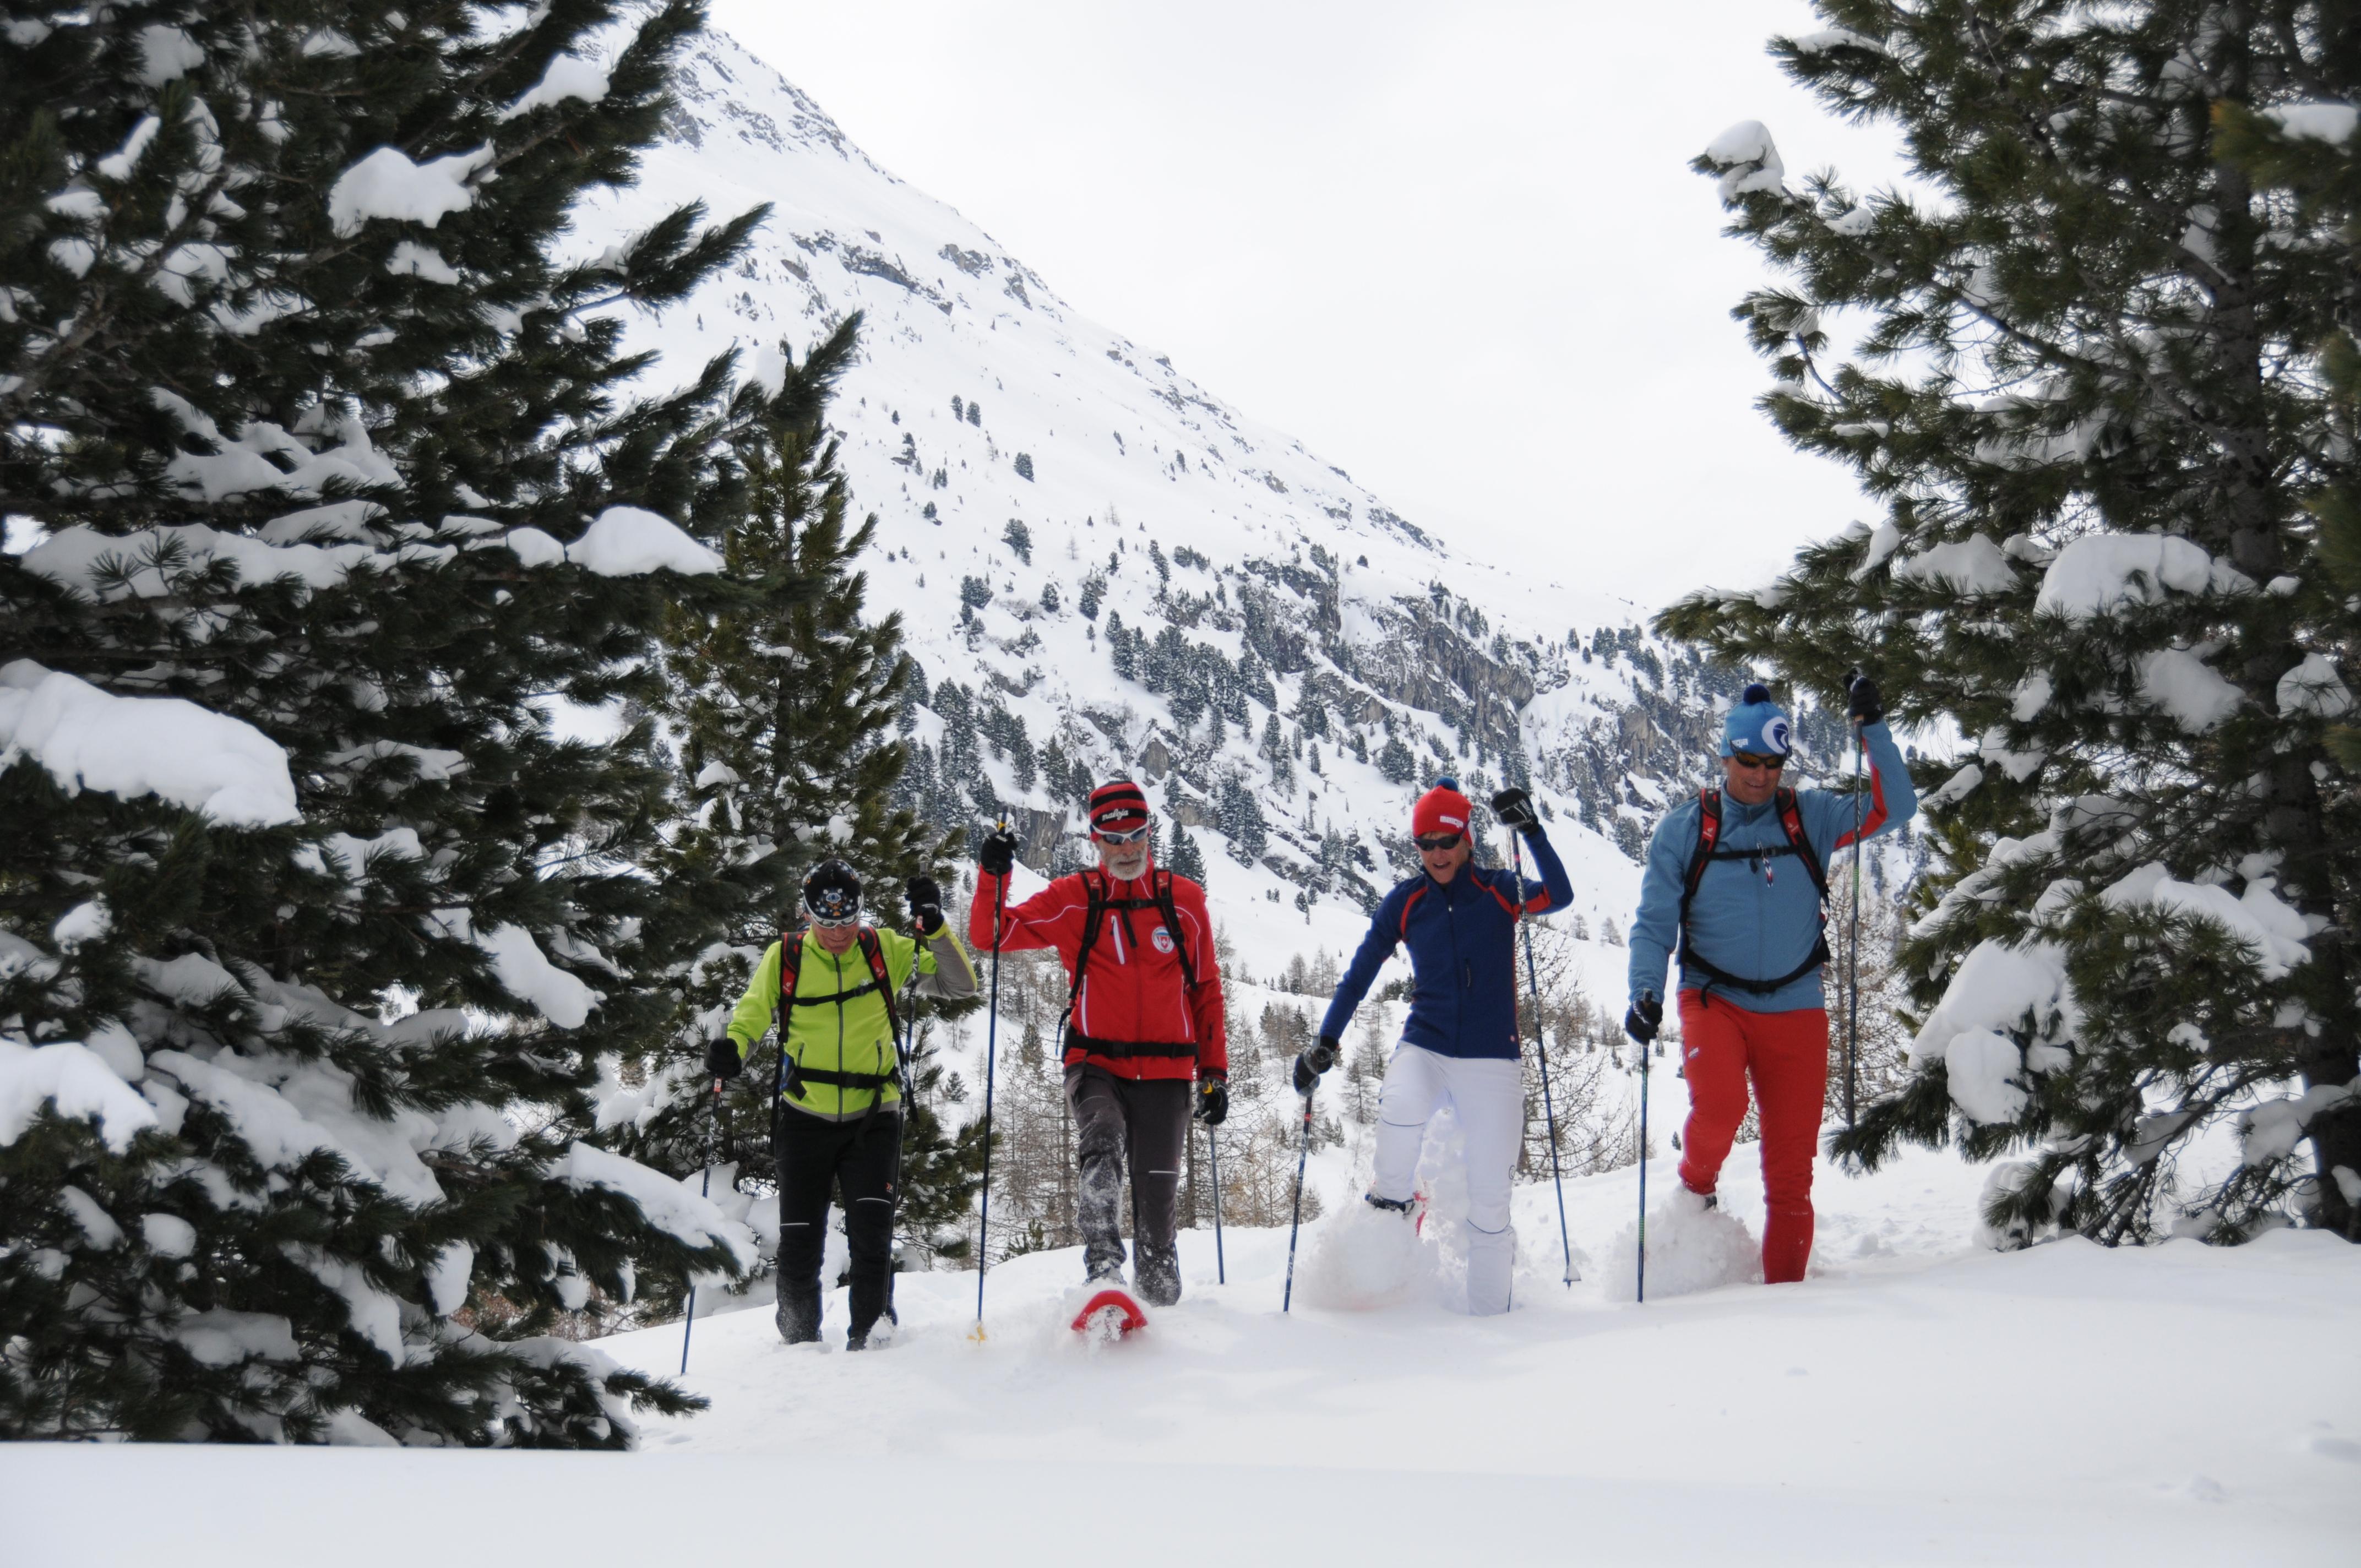 Schweizer Langlauf- und Bikezentrum Pontresina Slide 4